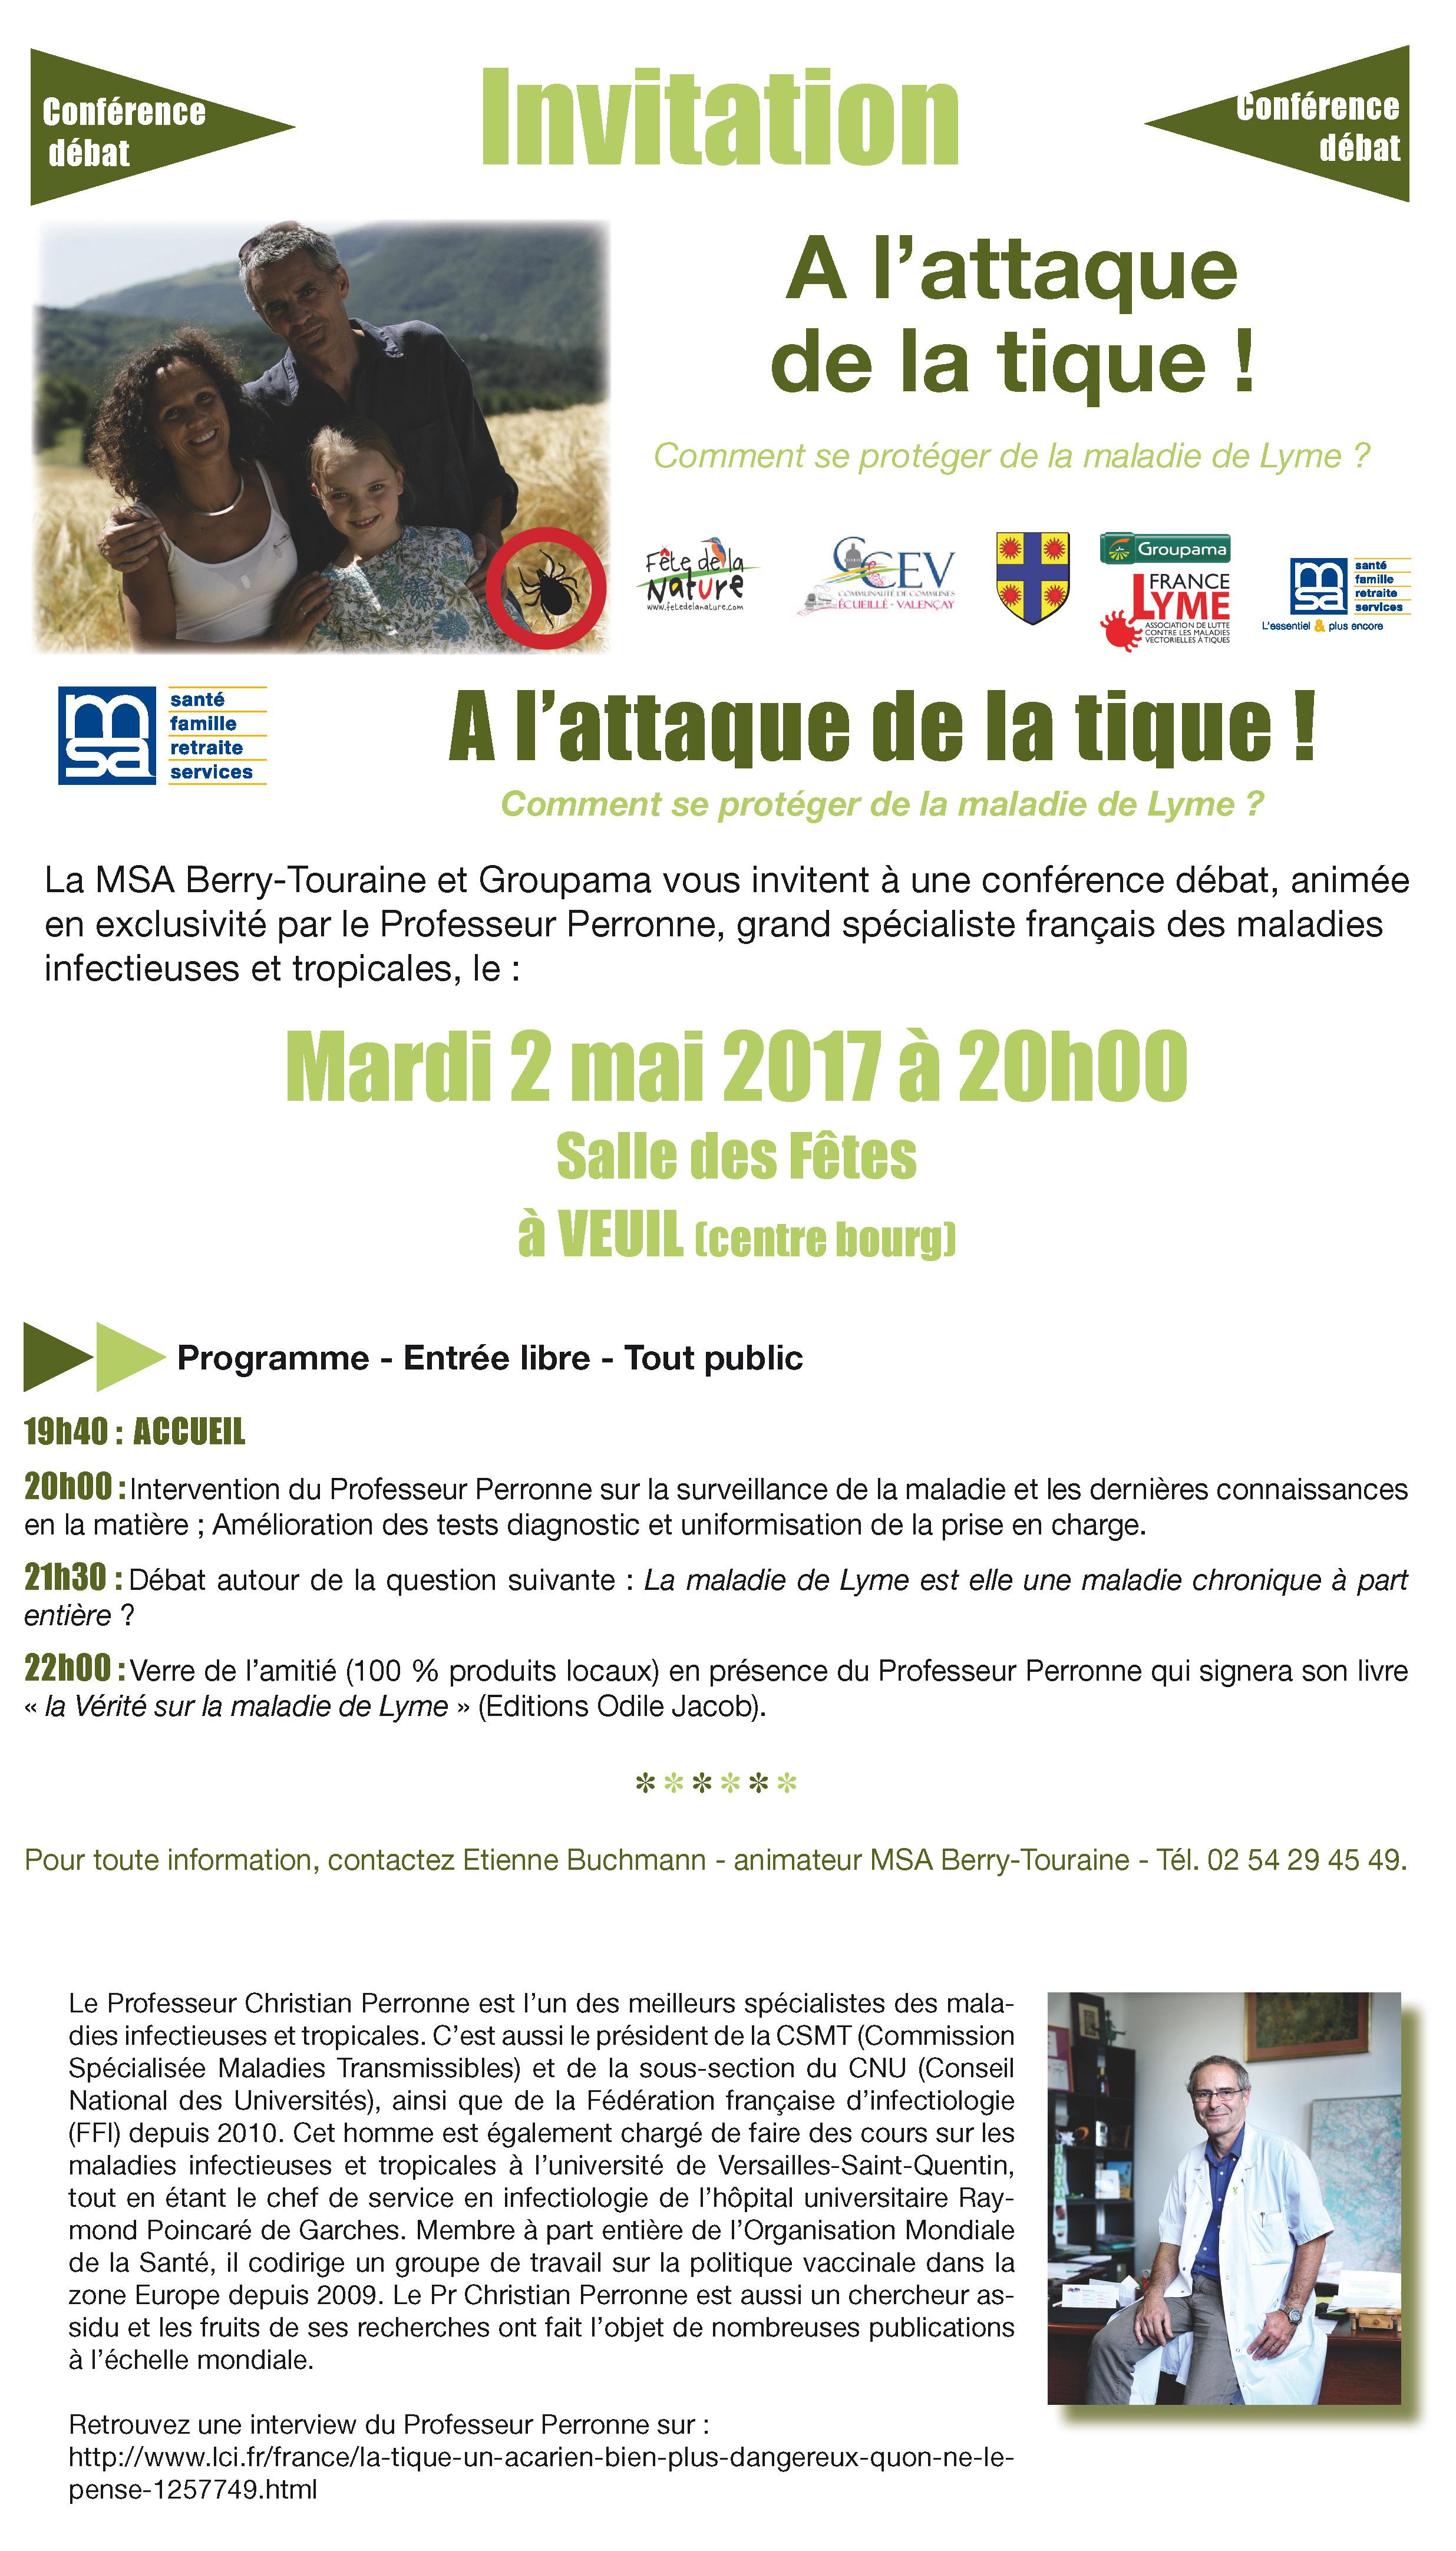 Plan Cul Gratos Bouan Offre / Femme Chatrondom